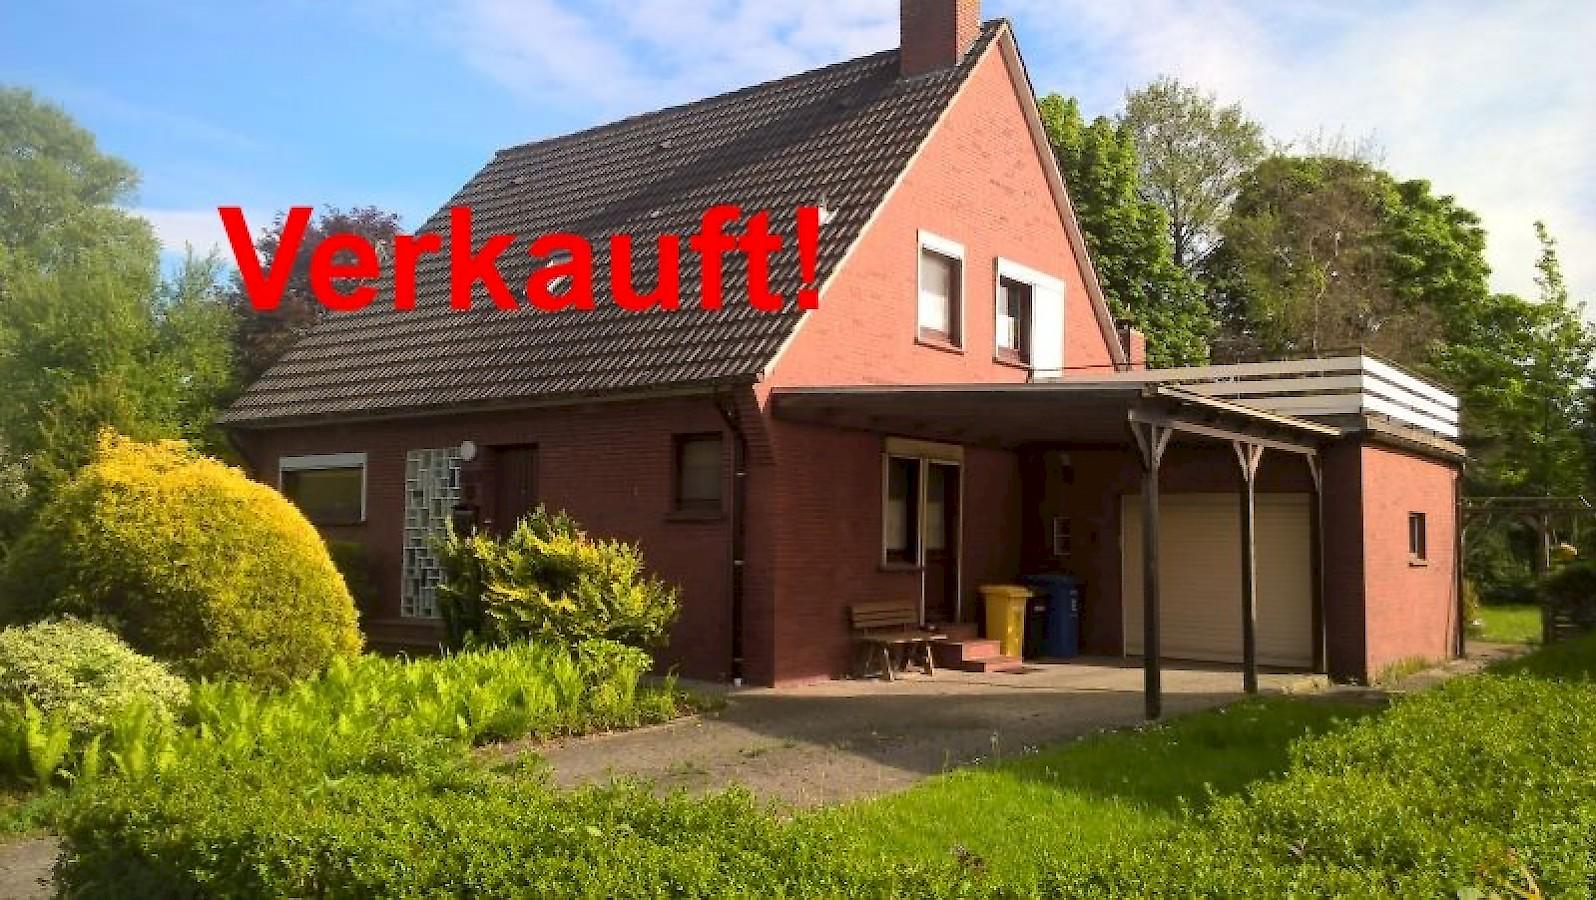 Immobilien Emden und Ostfriesland Großes Haus in Emden